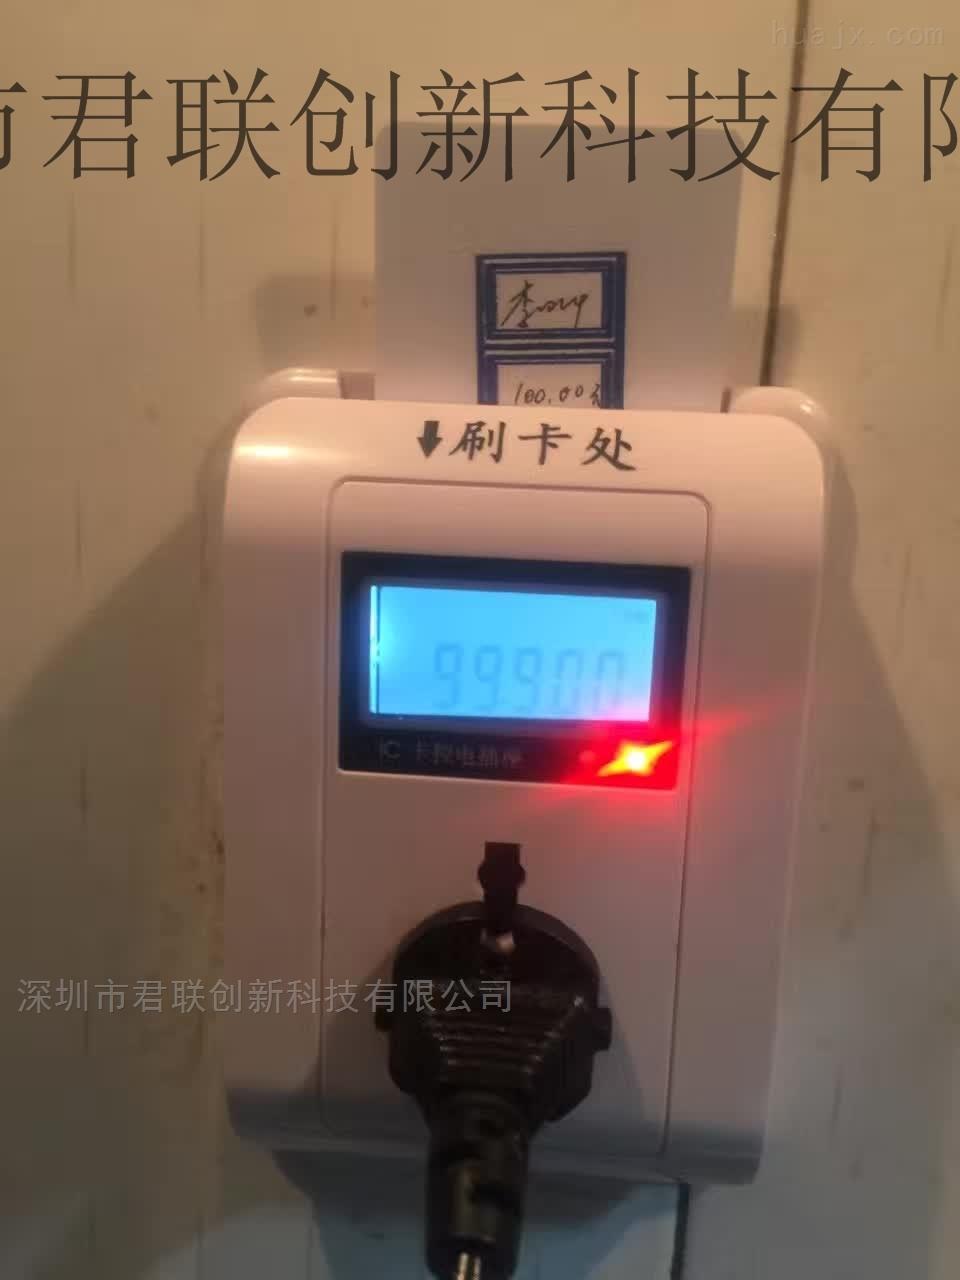 教室刷卡节电管理系统 电磁炉控电16A